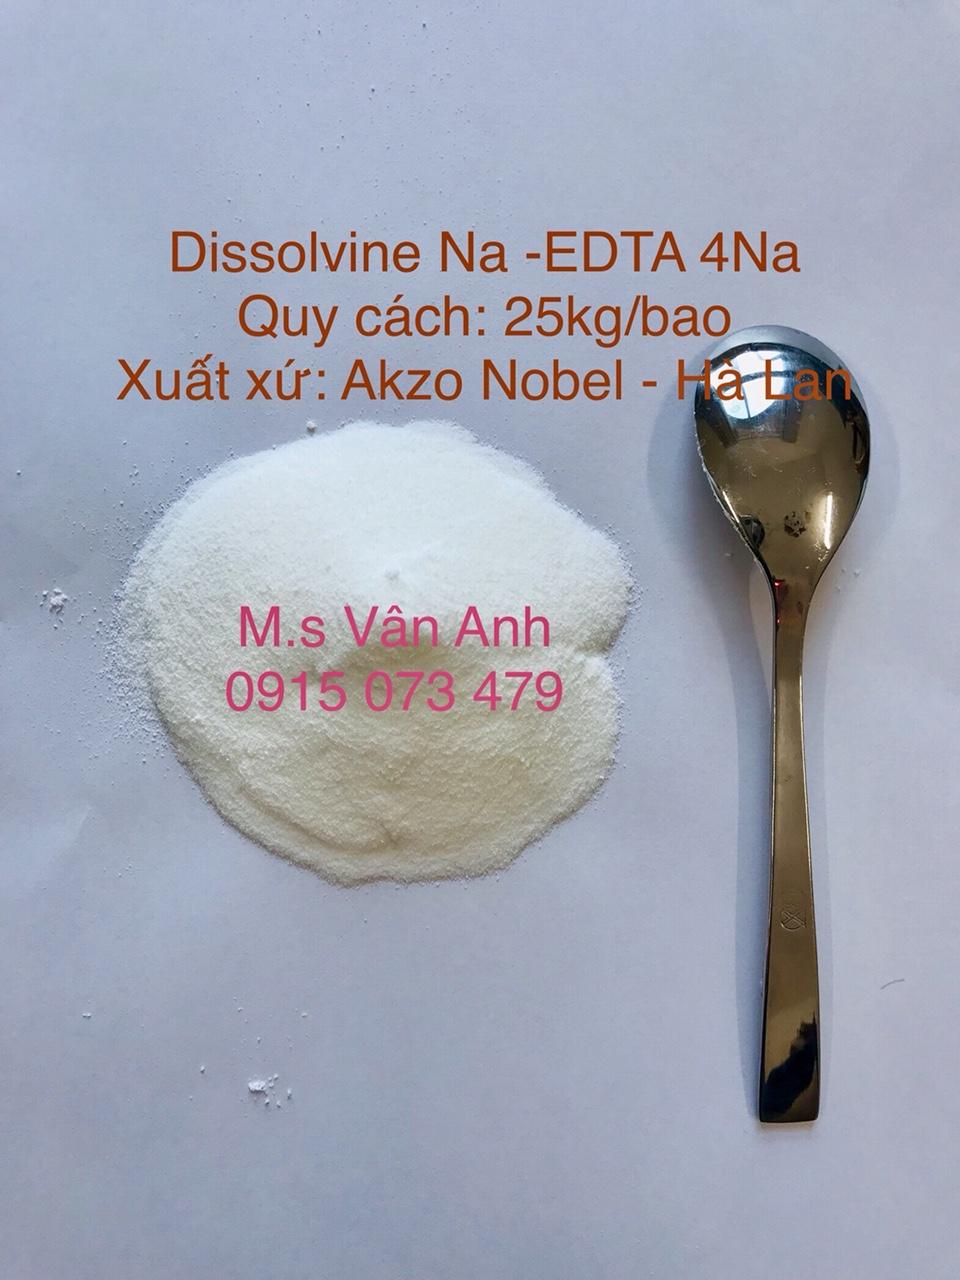 Cung cấp EDTA 4 muối Hà Lan chuyên gia cô lập kim loại nặng giá tốt nhất